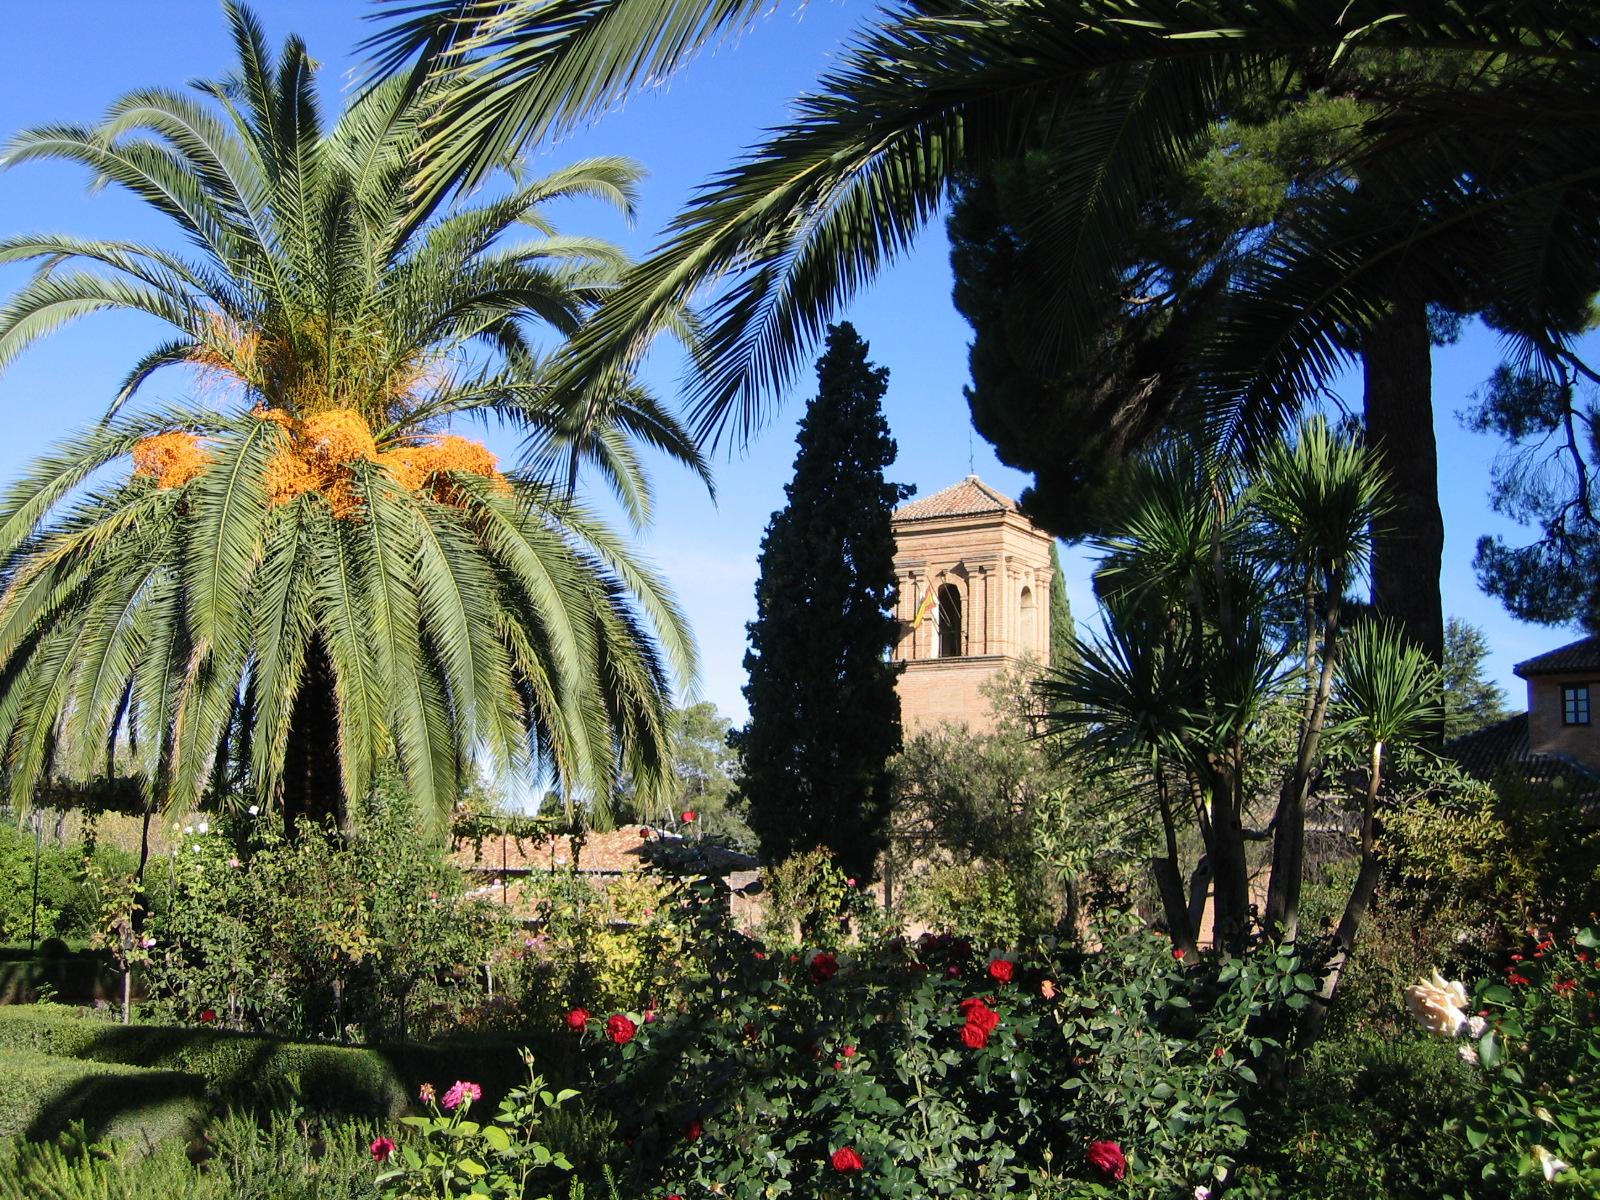 filegrenade lalhambra les jardins de san francisco - Jardin De L Alhambra